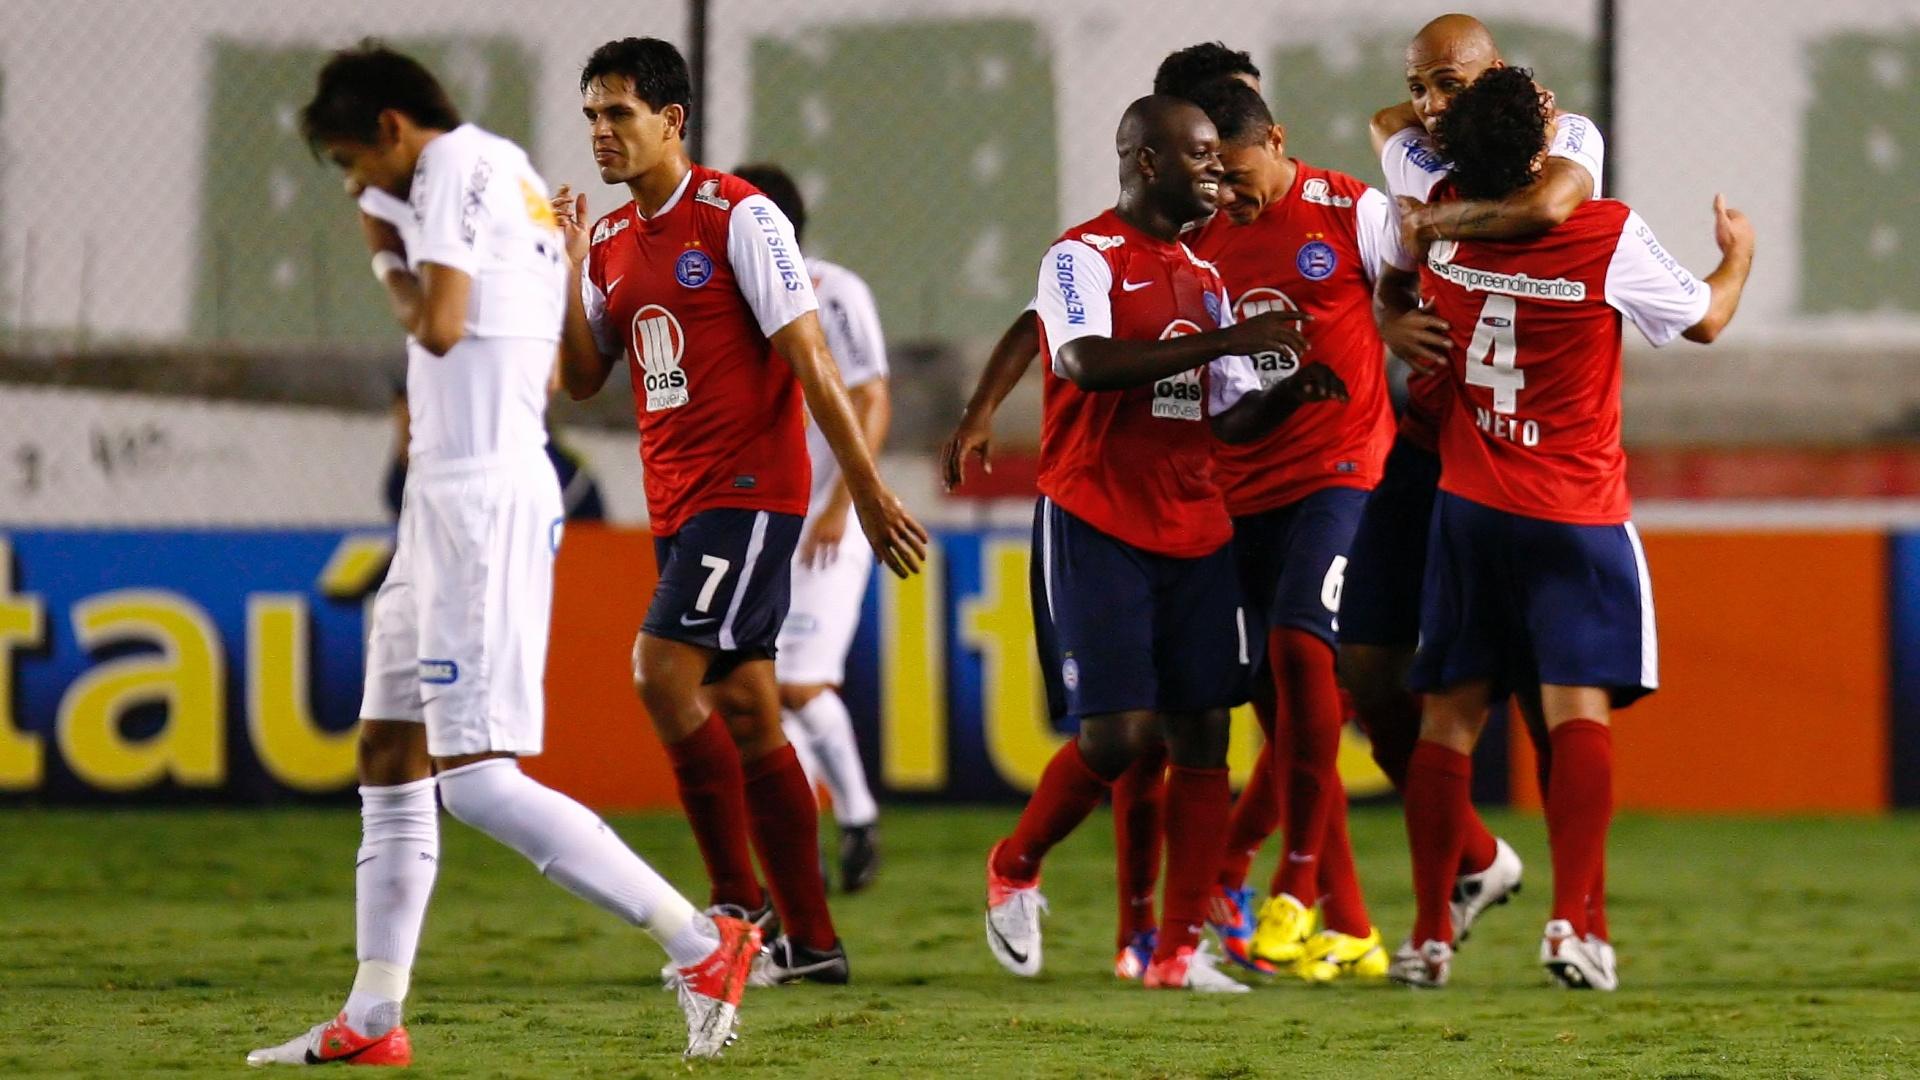 Jogadores do Bahia comemoram gol na vitória por 3 a 1 sobre o Santos, na Vila Belmiro